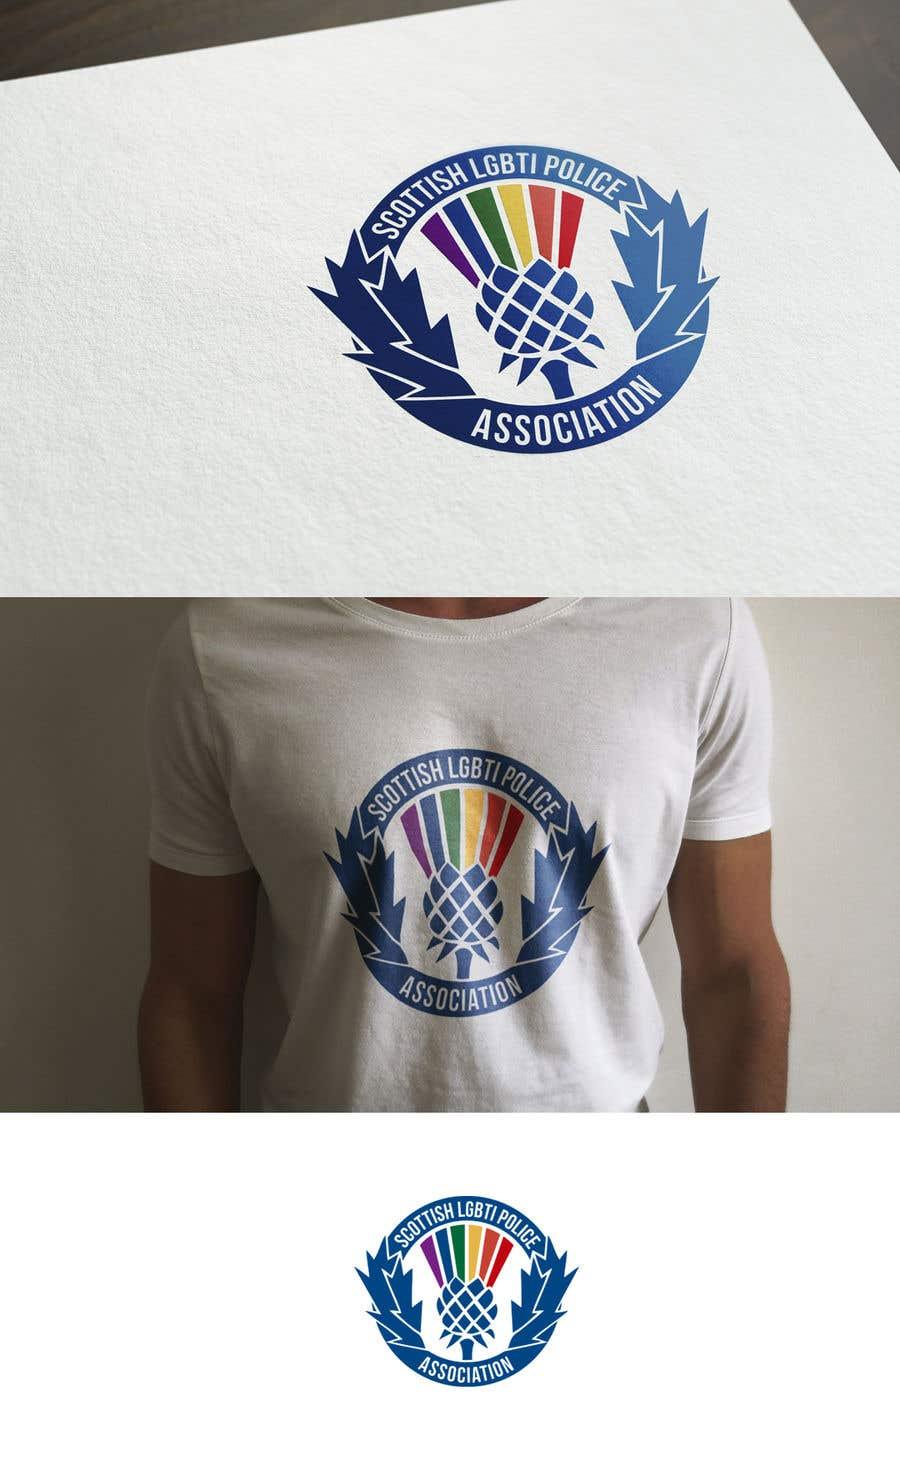 Konkurrenceindlæg #24 for Design a Logo - Scottish LGBTI Police Association